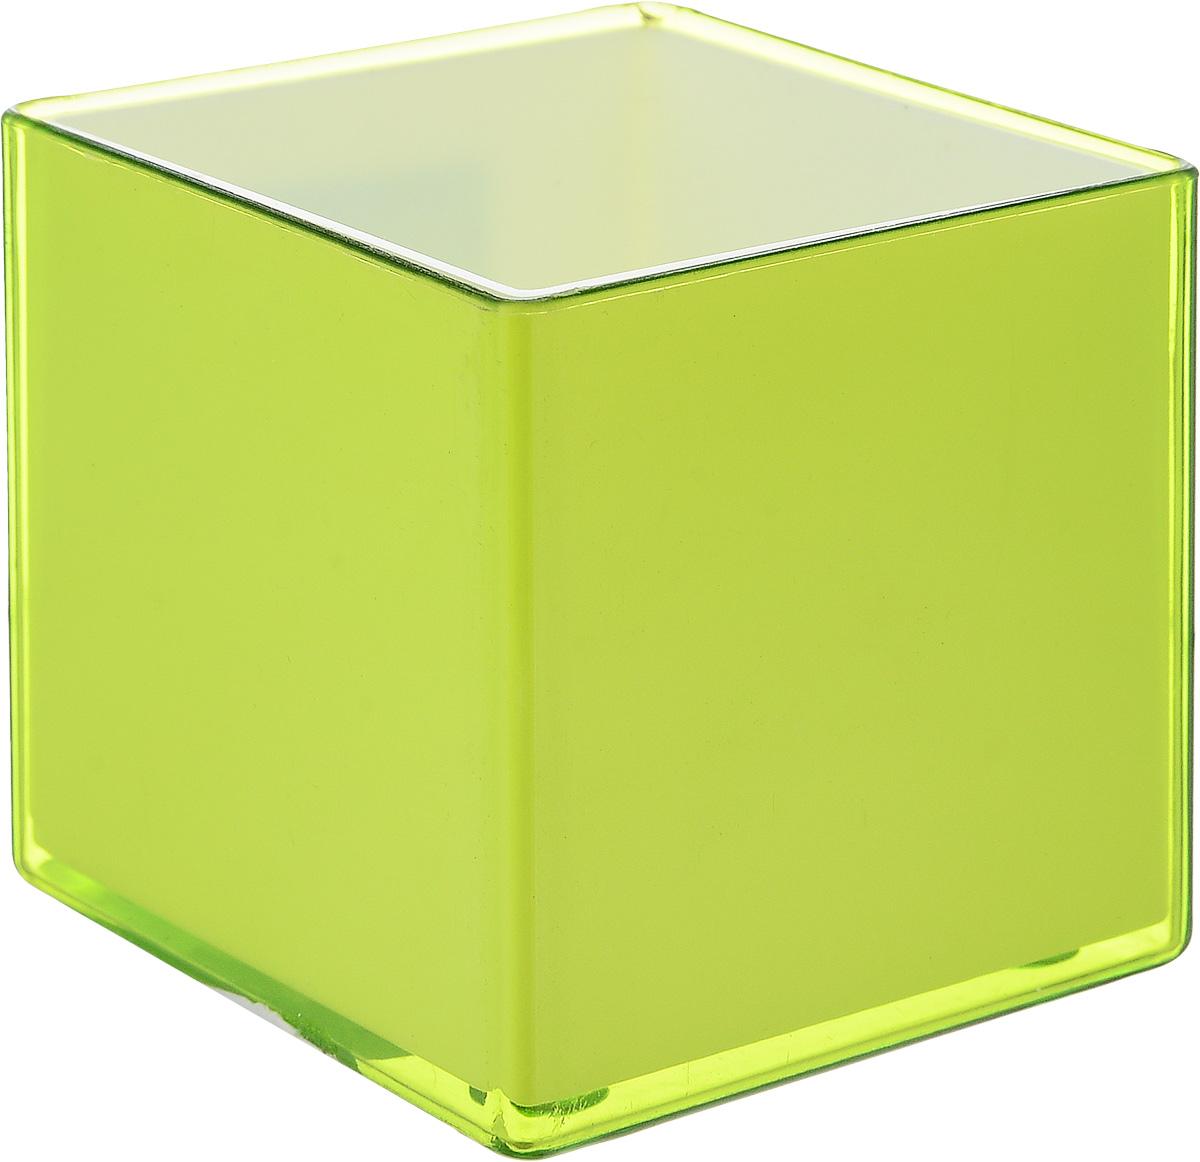 Кашпо JetPlast Мини куб, на магните, цвет: зеленый, 6 x 6 x 6 см531-402Кашпо JetPlast Мини куб предназначено для украшения любого интерьера. Благодаря магнитной ленте, входящей в комплект, вы можете разместить его не только на подоконнике, столе или иной поверхности, а также на холодильнике и любой другой металлической поверхности, дополняя привычные вещи новыми дизайнерскими решениями. Кашпо можно использовать не только под цветы, но и как подставку для ручек, карандашей и прочих канцелярских мелочей.Размеры кашпо: 6 х 6 х 6 см.